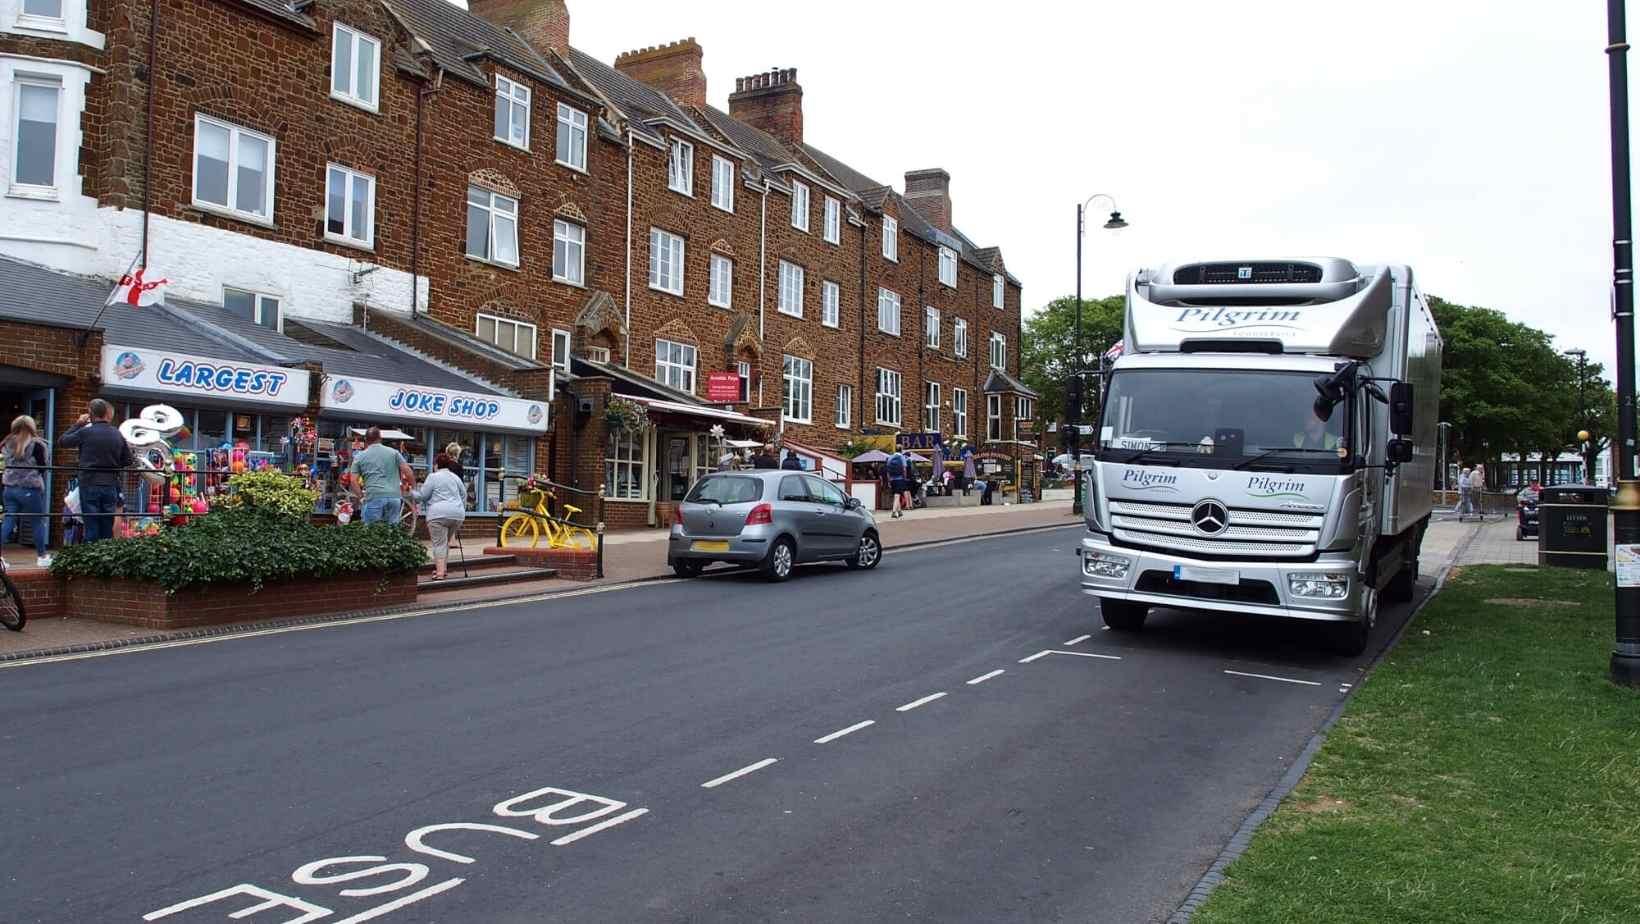 Șoferii de camion din UE nu vor să conducă pentru britanici. Relaxarea normelor de cabotaj ar putea fi singura soluție pentru acoperirea deficitului de șoferi în Marea Britanie